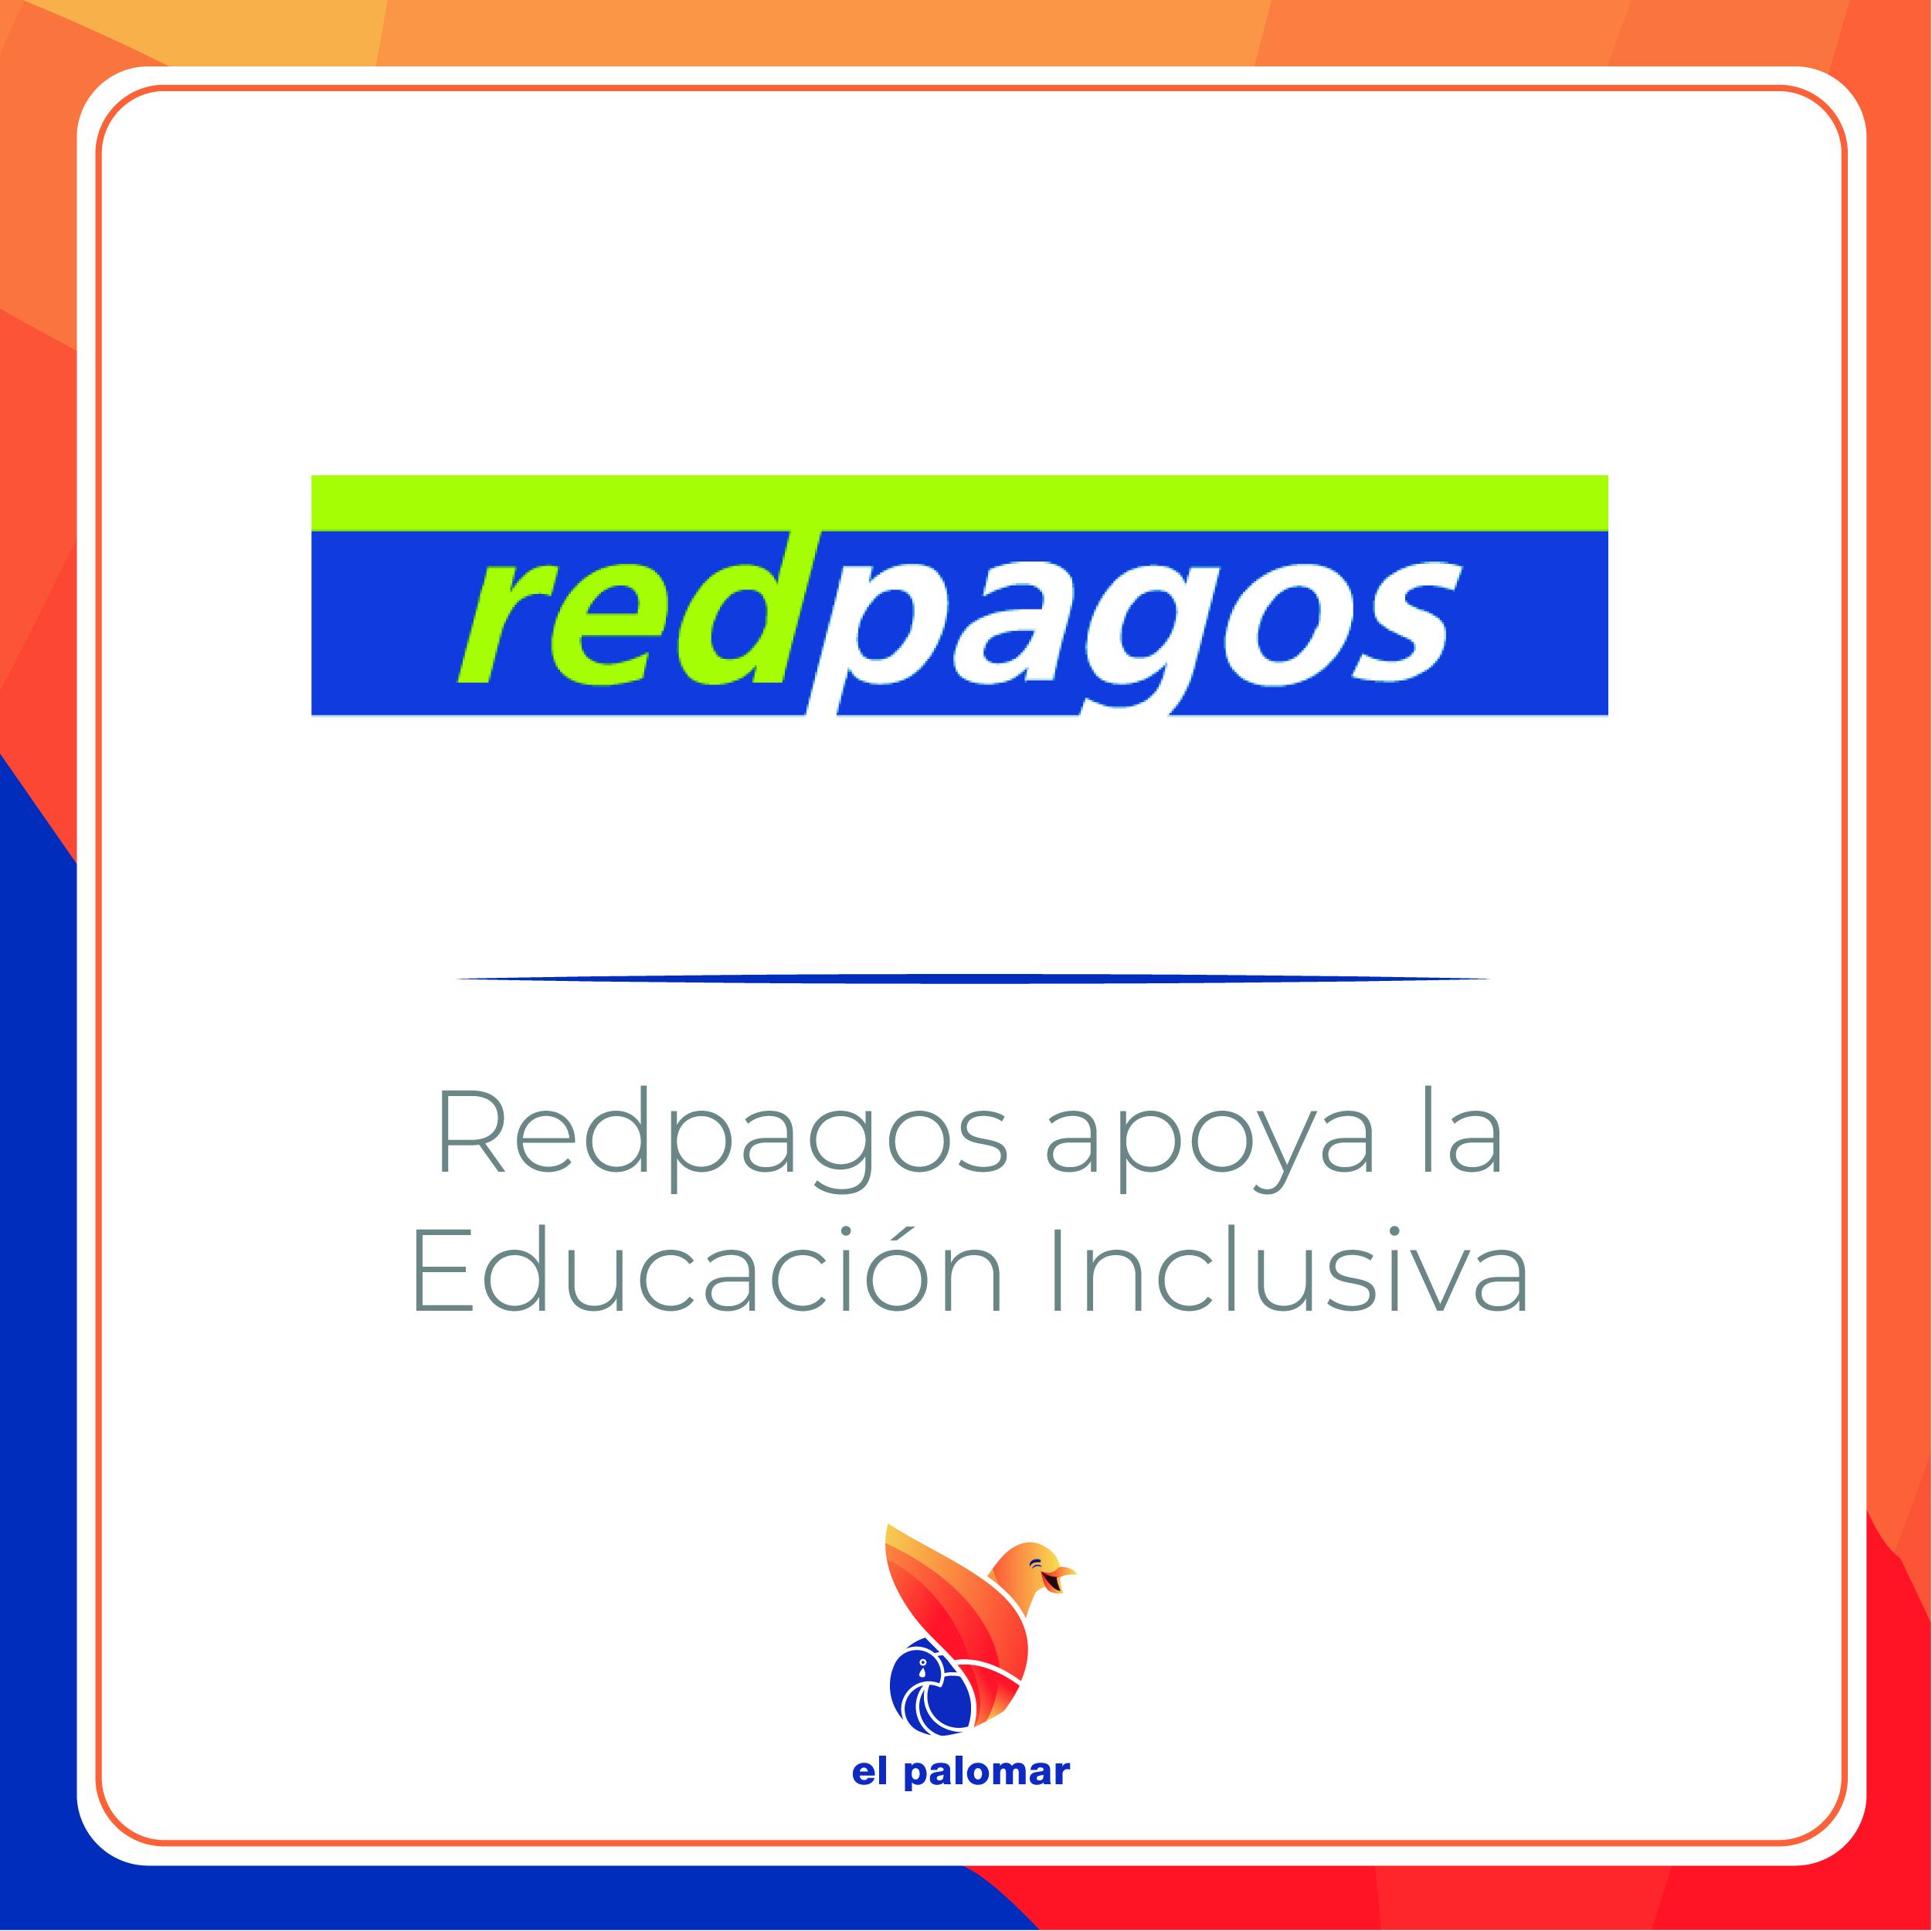 Nuestro apoyo a la Educación Inclusiva